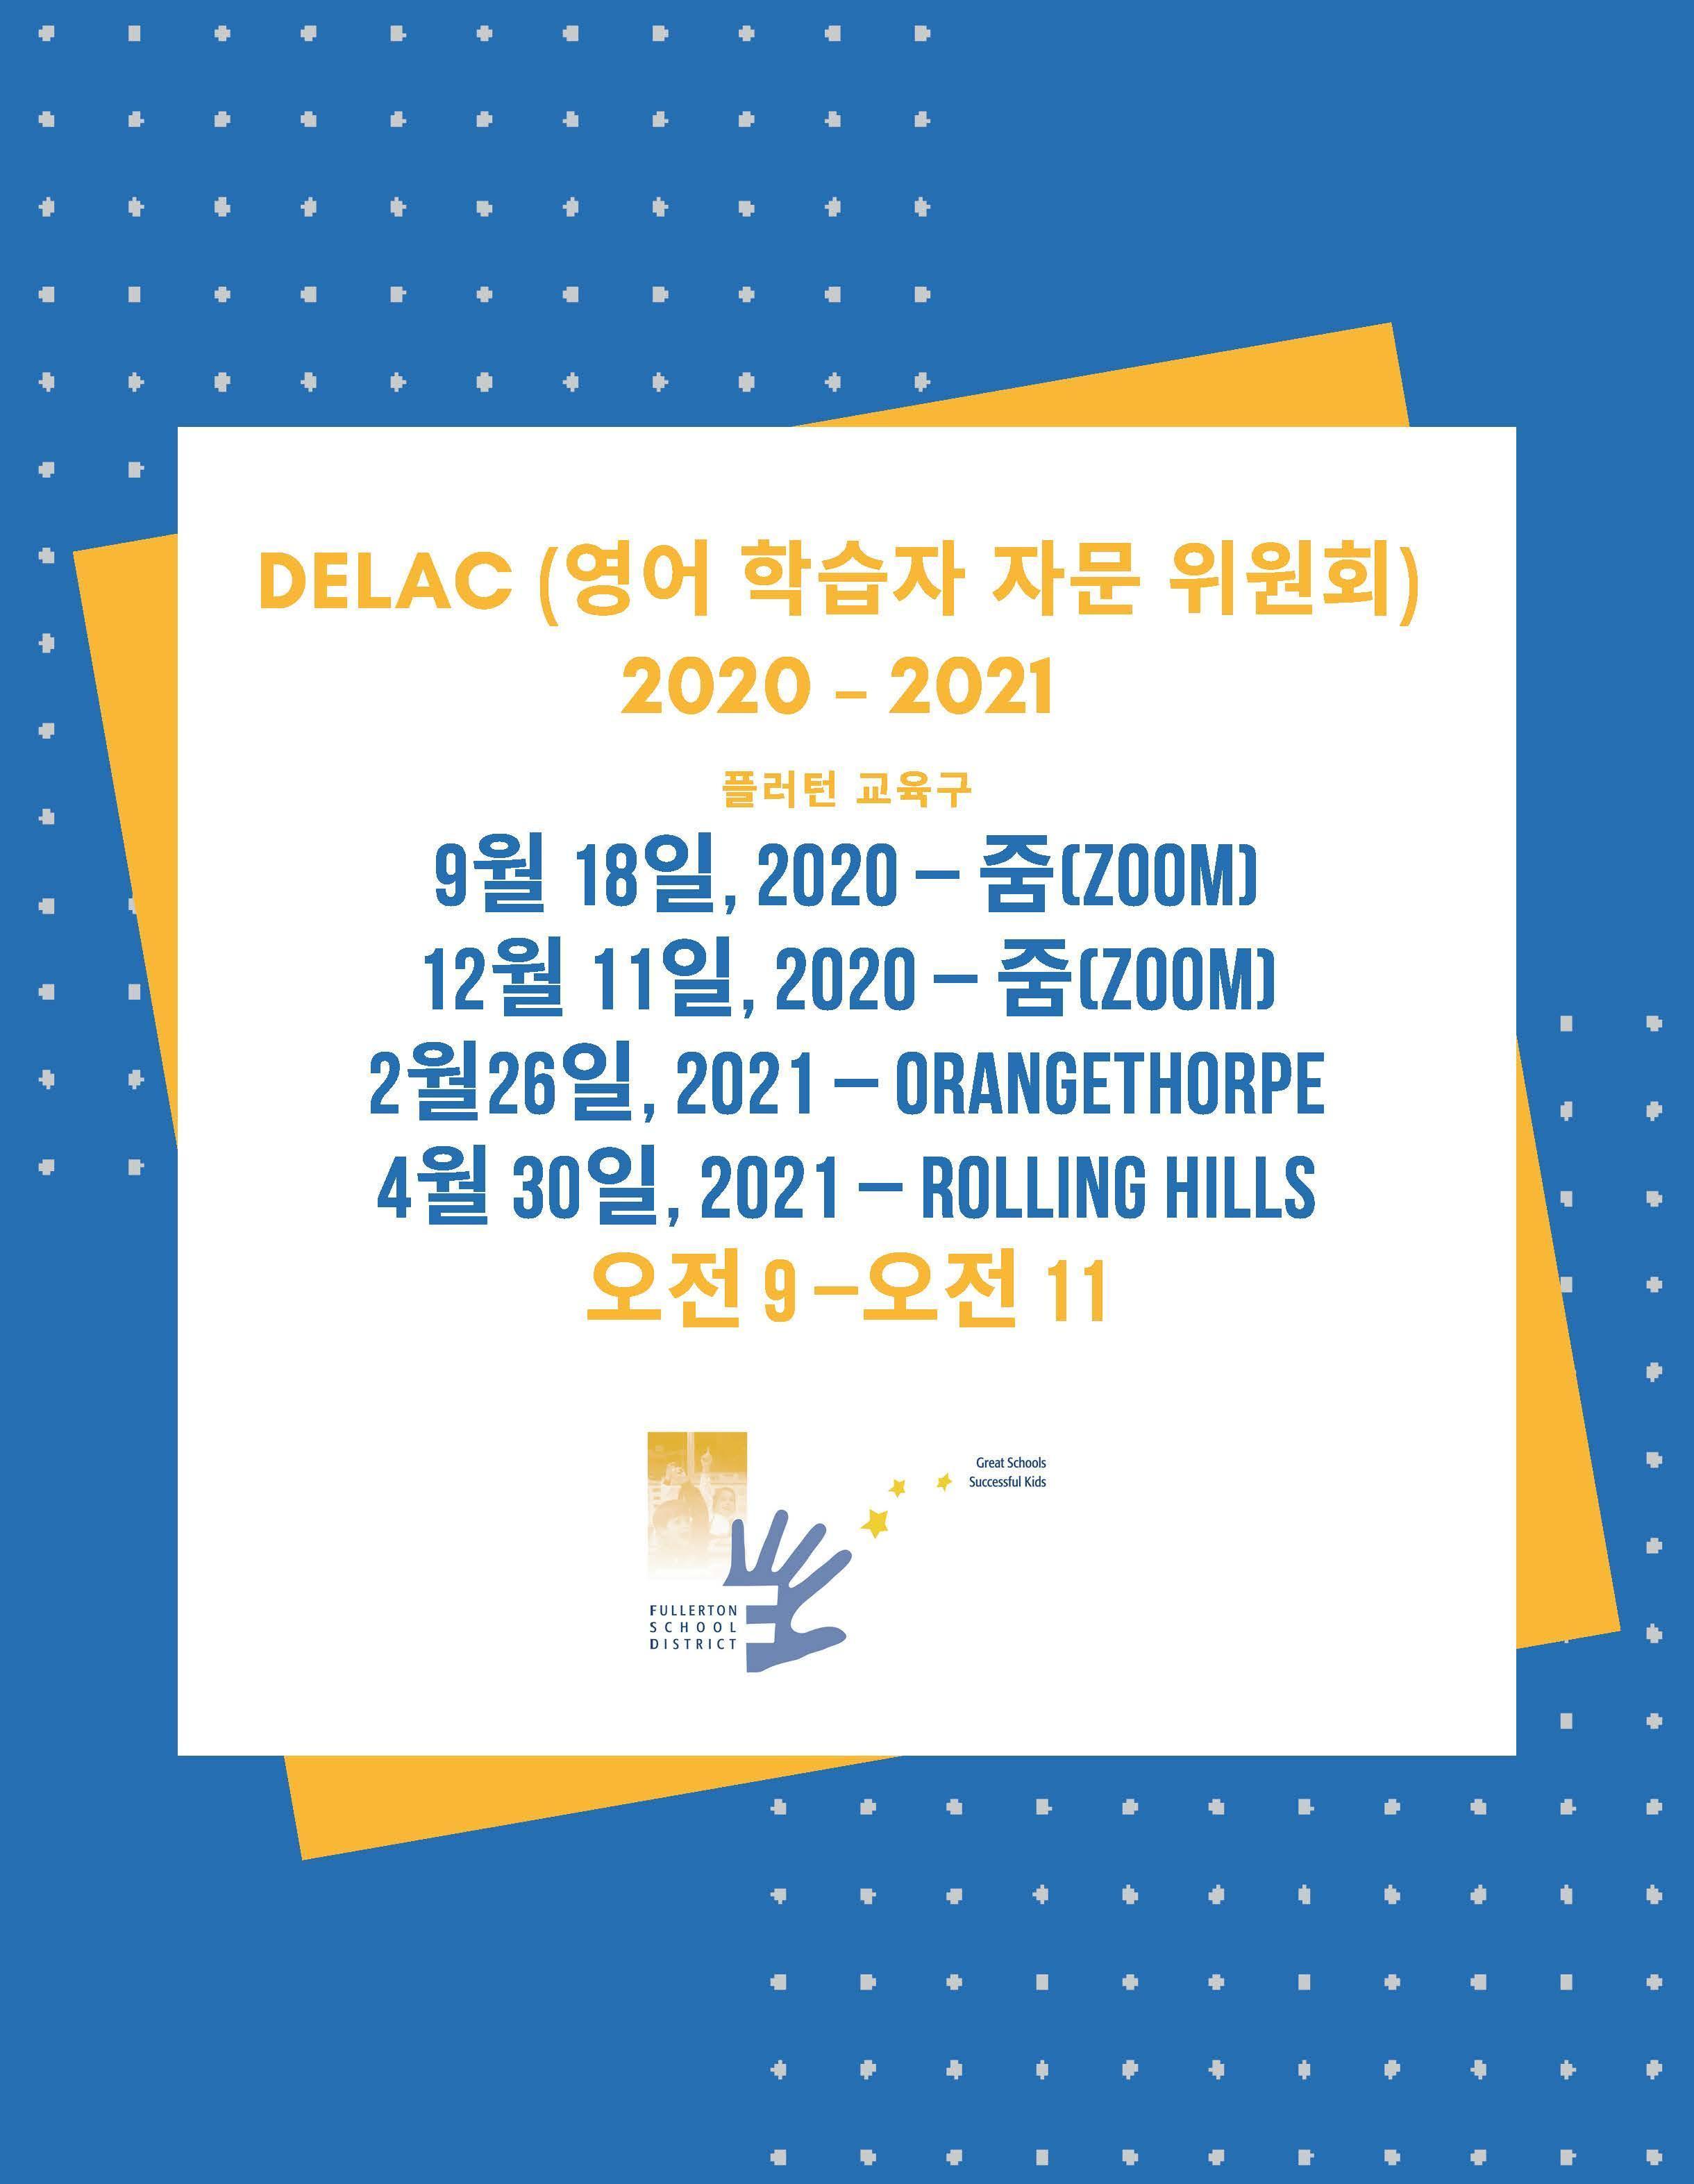 DELAC 20-21 Dates Korean